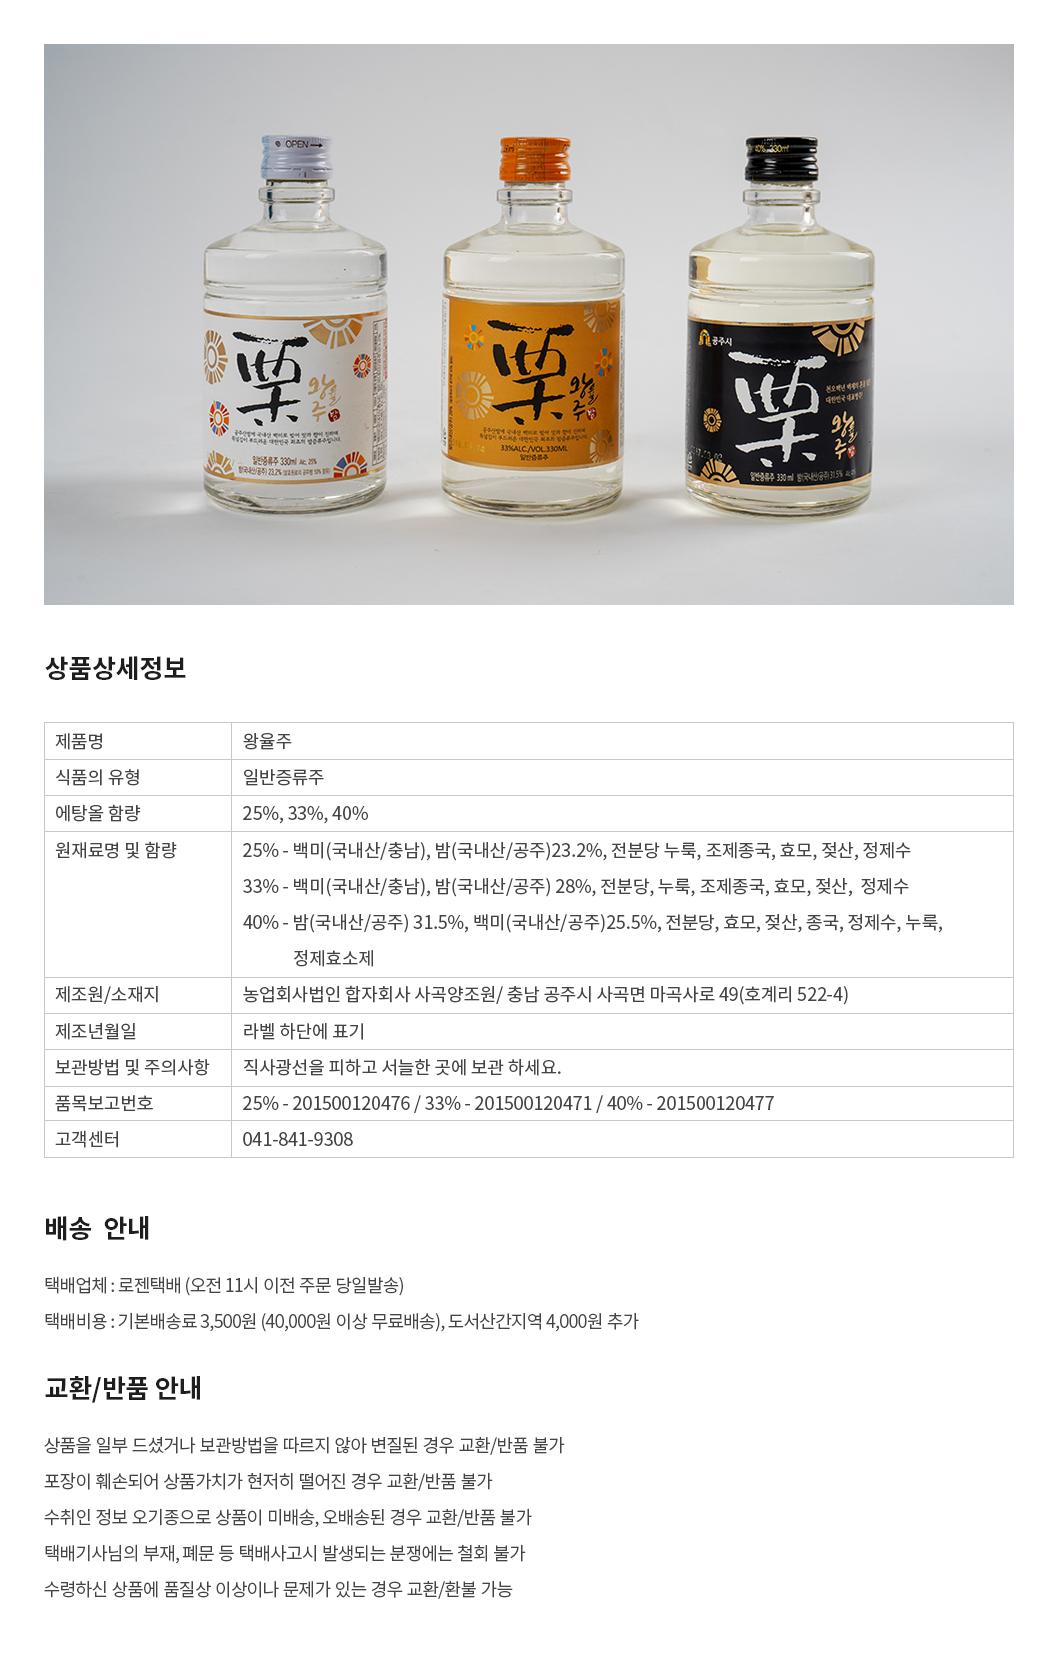 왕율주-상품정보.jpg